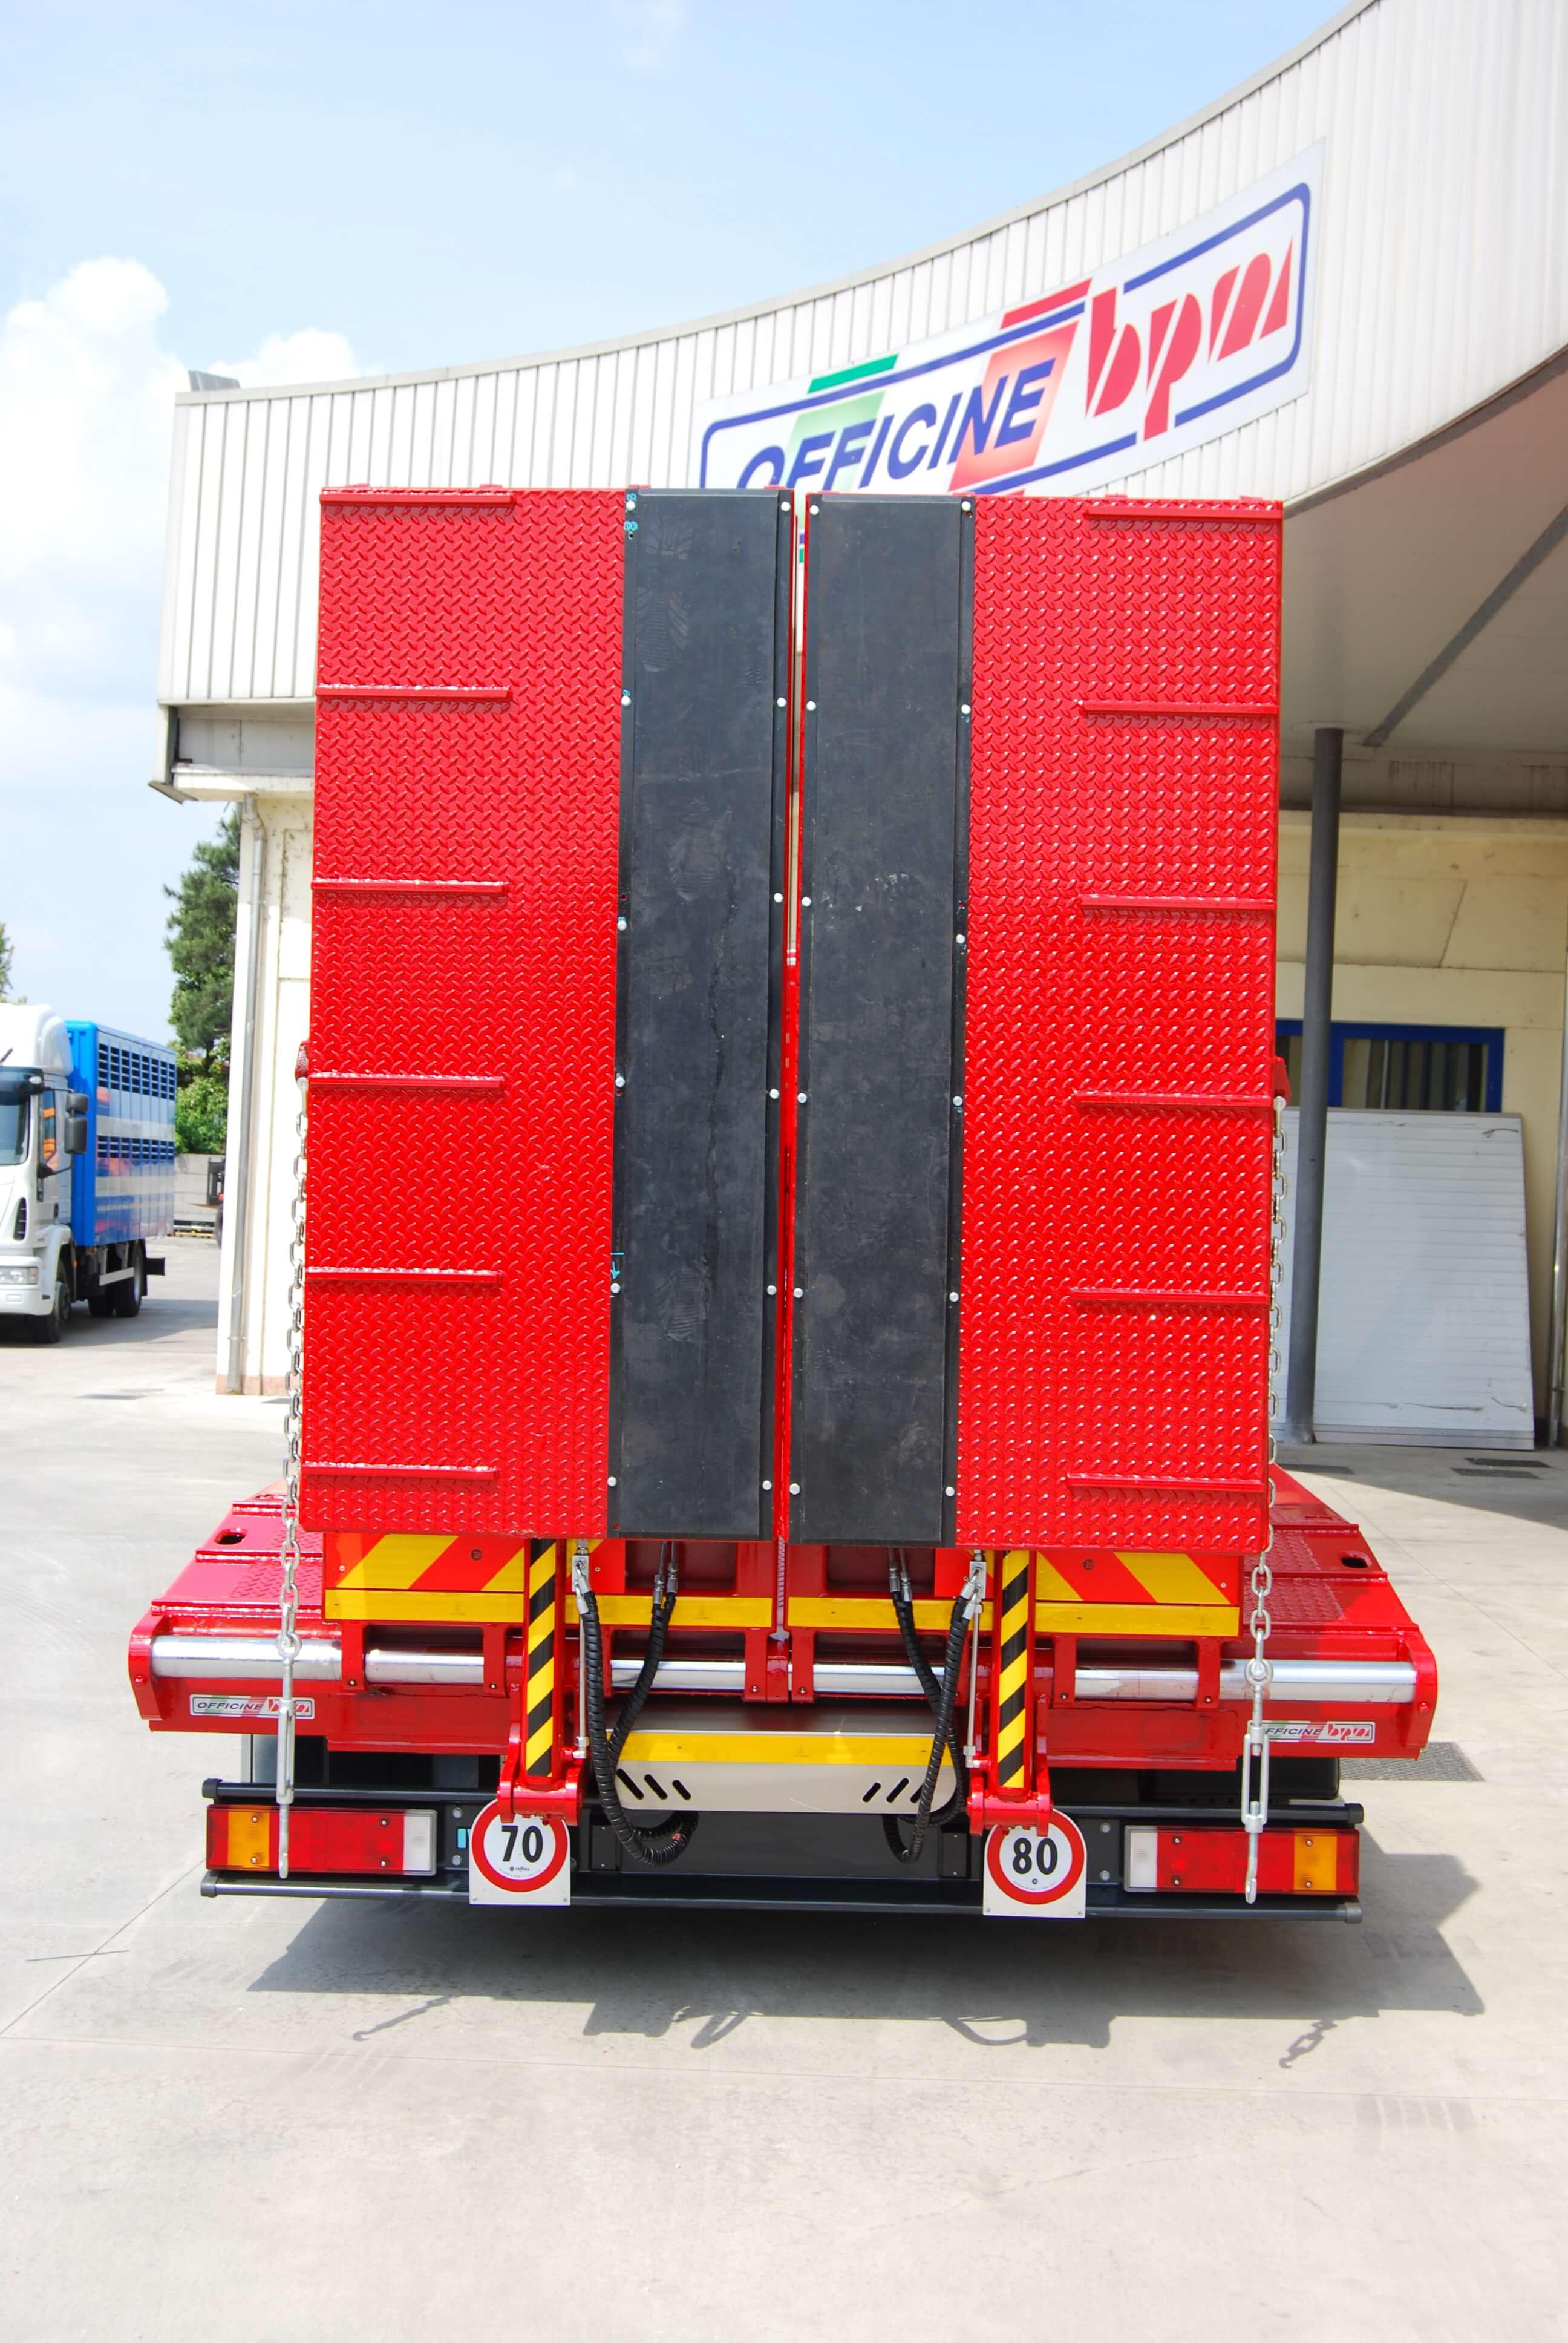 carrellone personalizzato rampe salita rulli gomma vulcanizzata